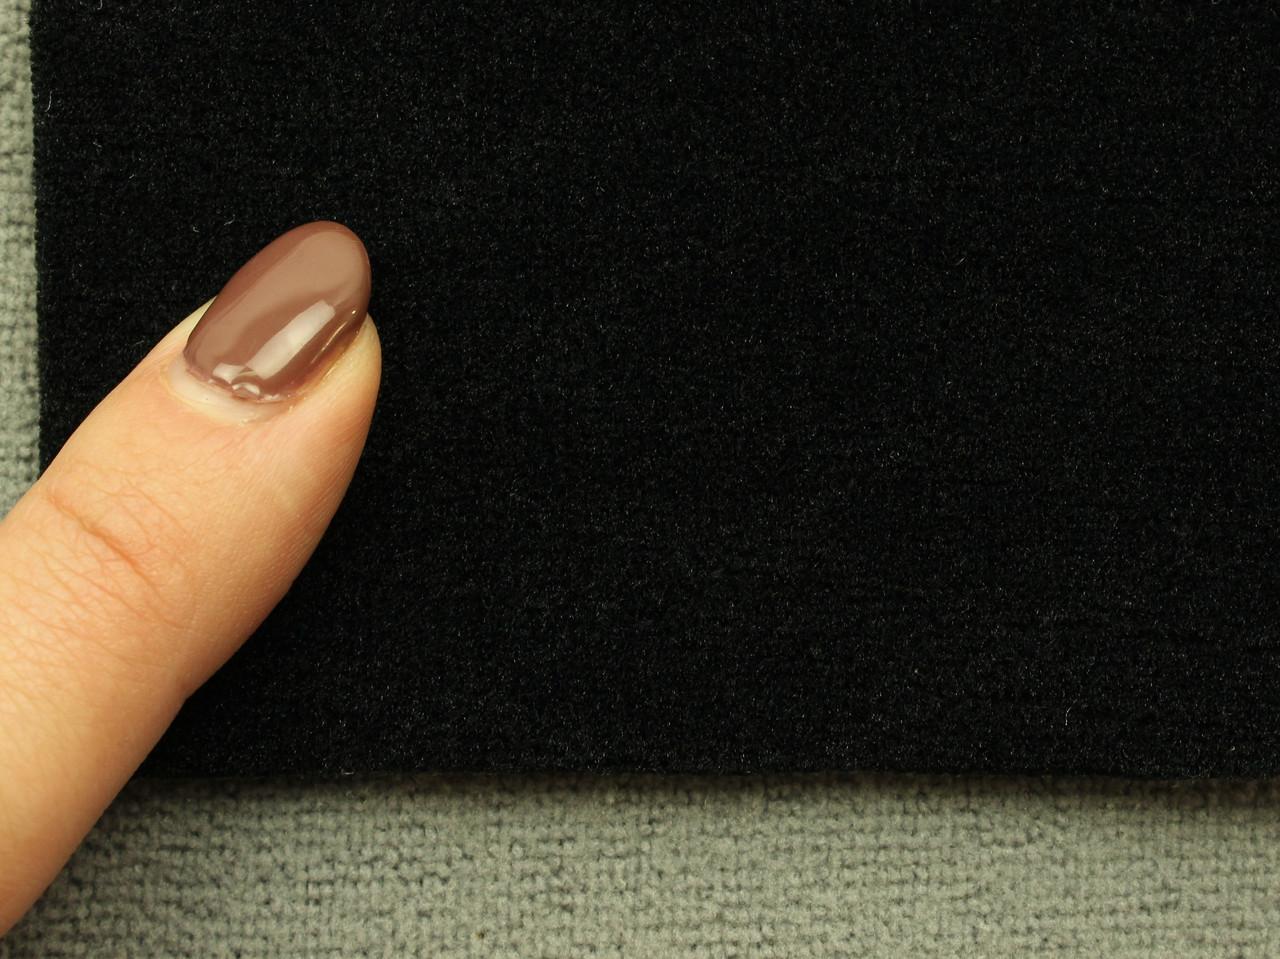 Автоткань оригинальная потолочная, цвет черный, на поролоне (сетка) (Германия)